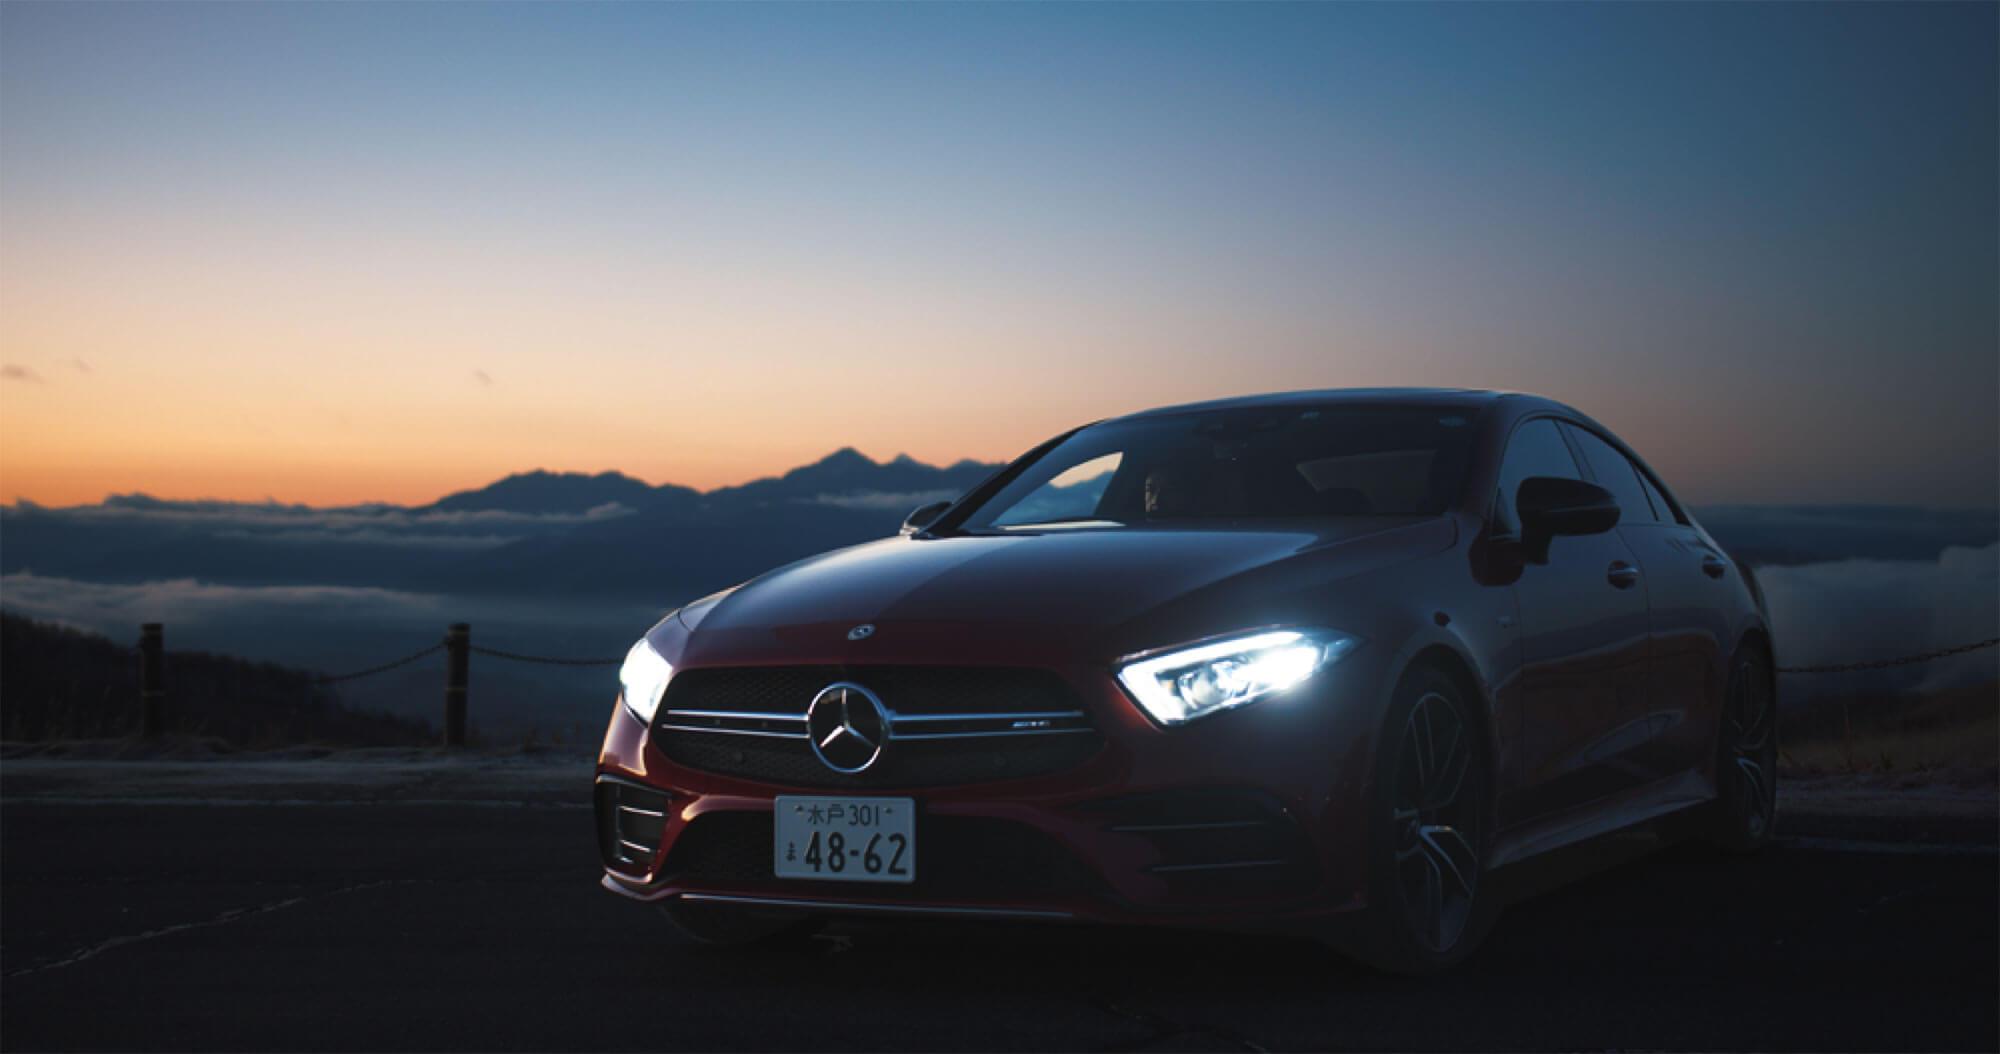 Mercedes-AMG CLS 53 4MATIC+のWEB/SNS用コンテンツの撮影